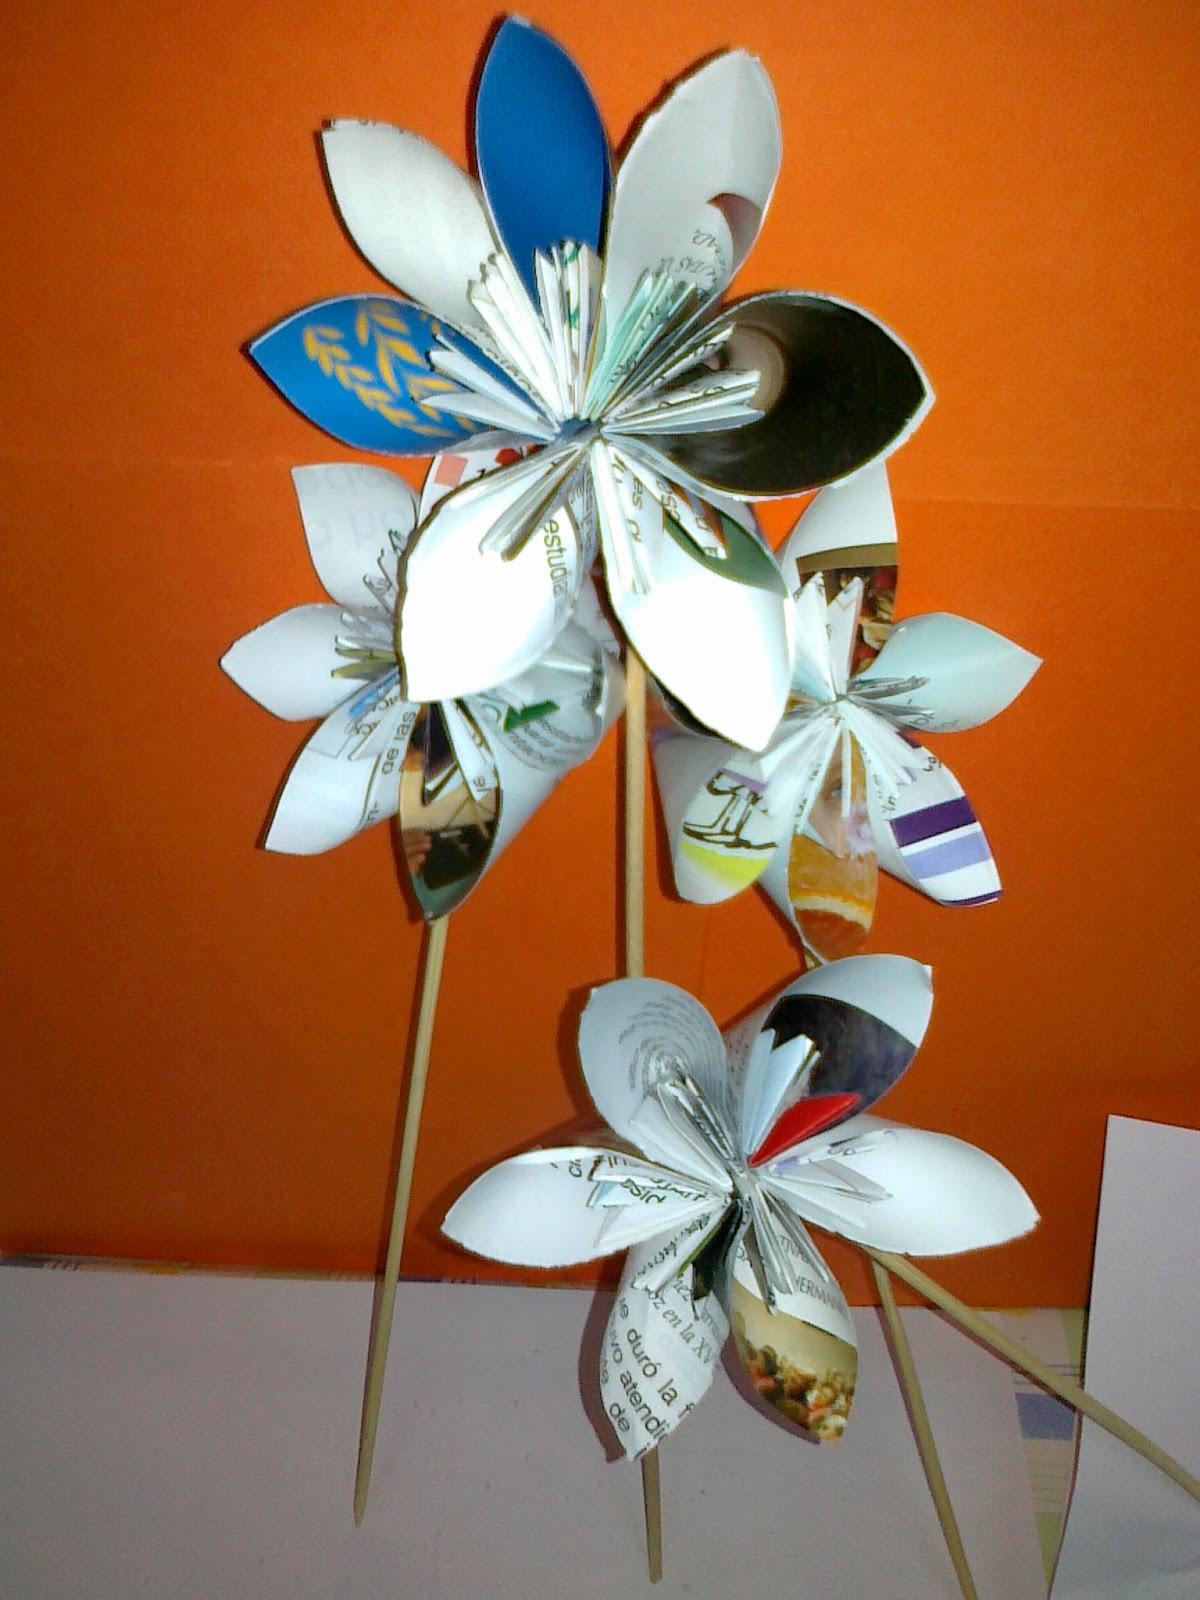 Manoli y sus manualidades papel reciclado picture to pin - Manualidades de papel reciclado ...